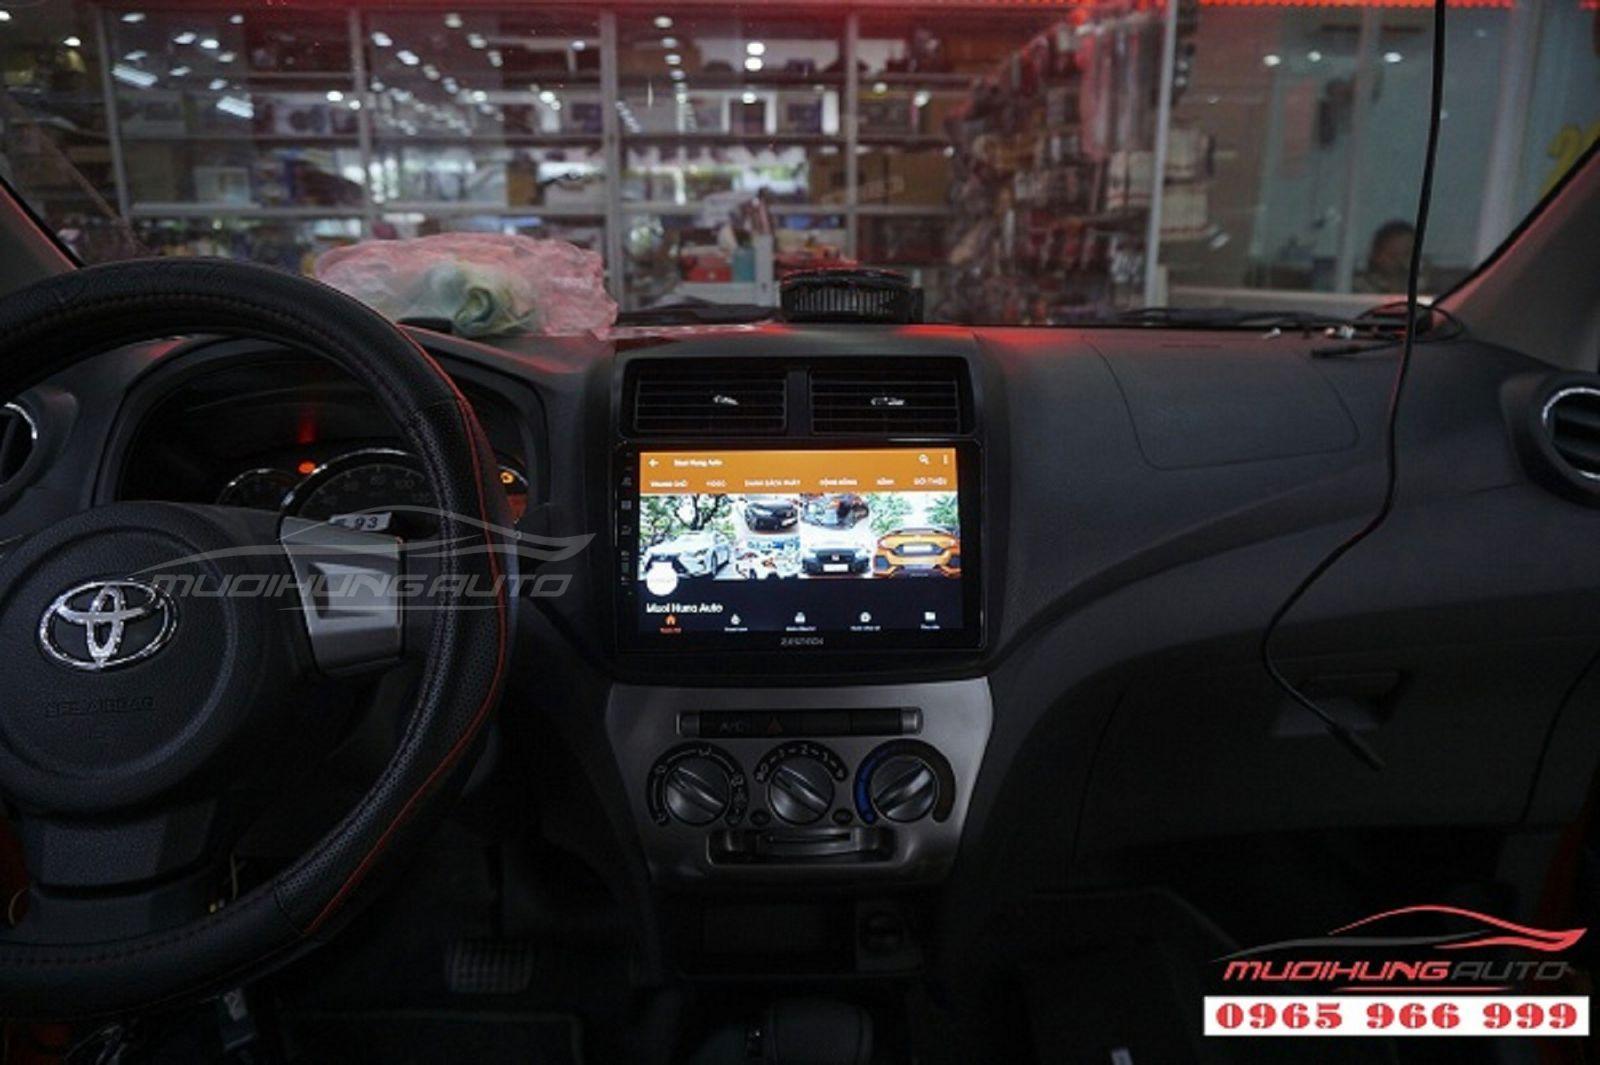 DVD Zestech Z500 chính hãng cho xe Toyota Wigo 03